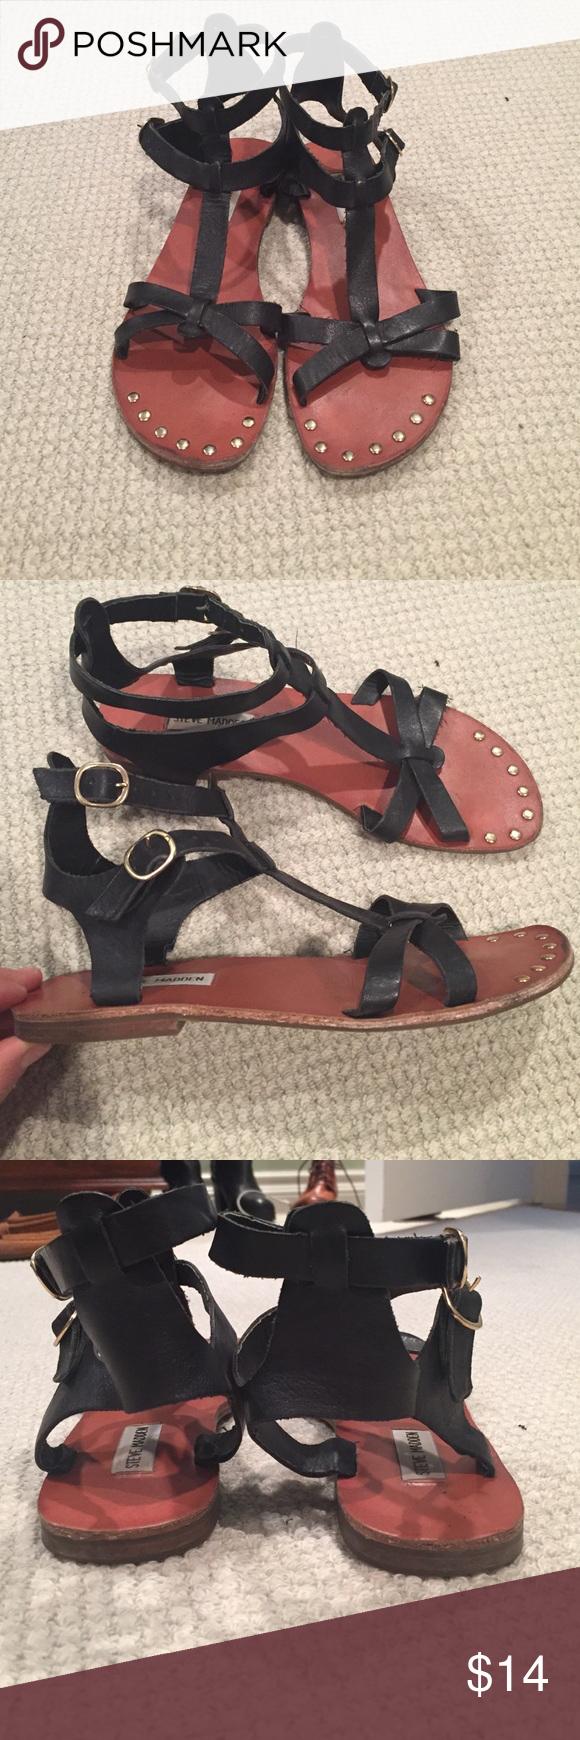 Steve Madden sandals Size 10 black gladiator Steve Madden sandals. Good used condition. Steve Madden Shoes Sandals